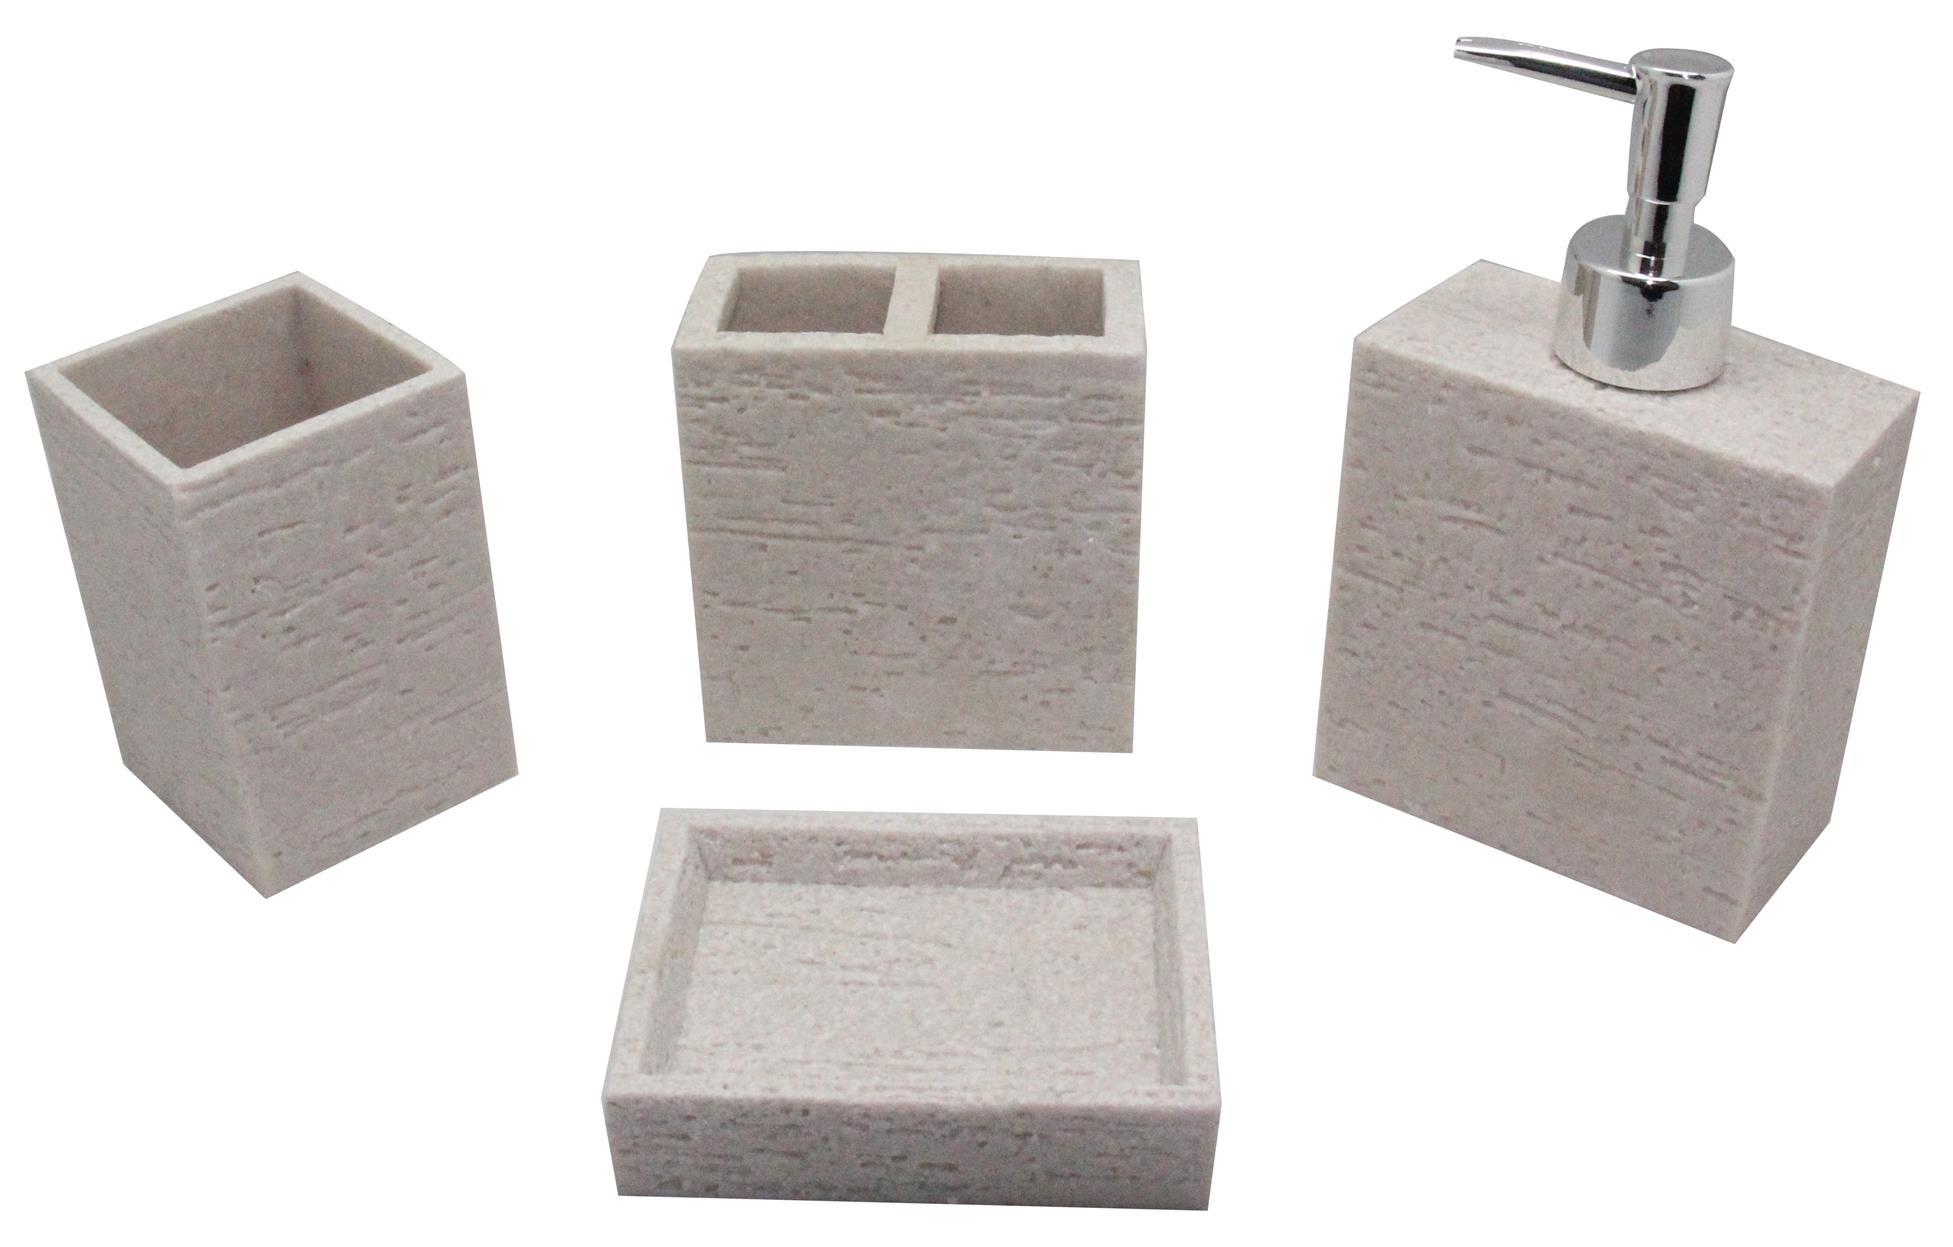 4pcs resin bathroom accessories set shampoo dispenser soap holder - Bathroom Accessories Klang